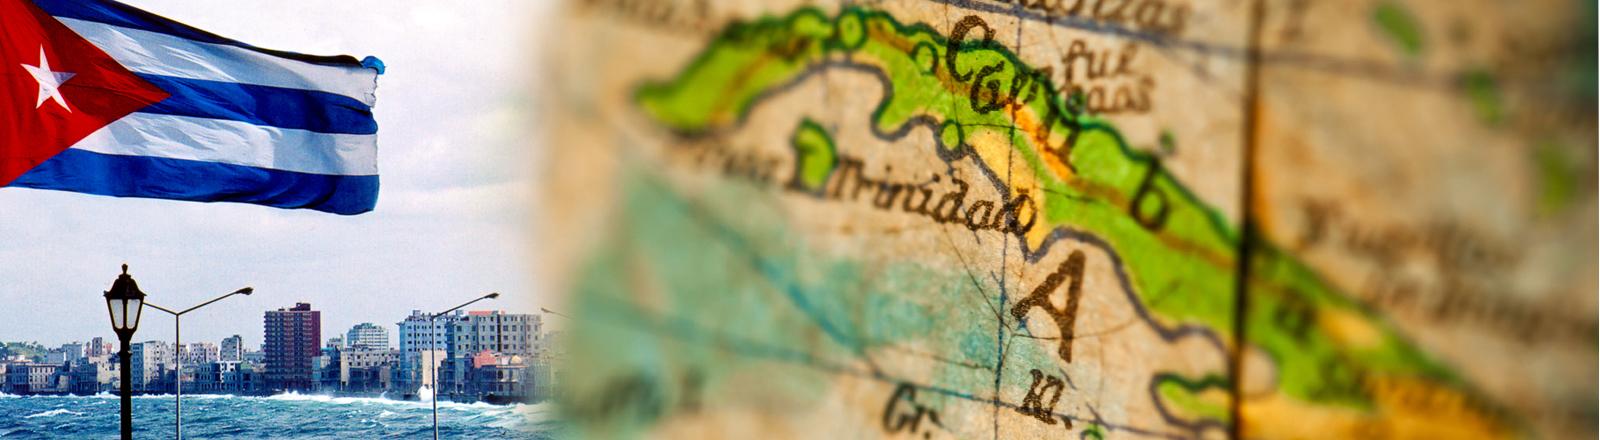 Die kubanische Flagge in einer Bucht und ein alter Globus auf dem Kuba zu sehen ist